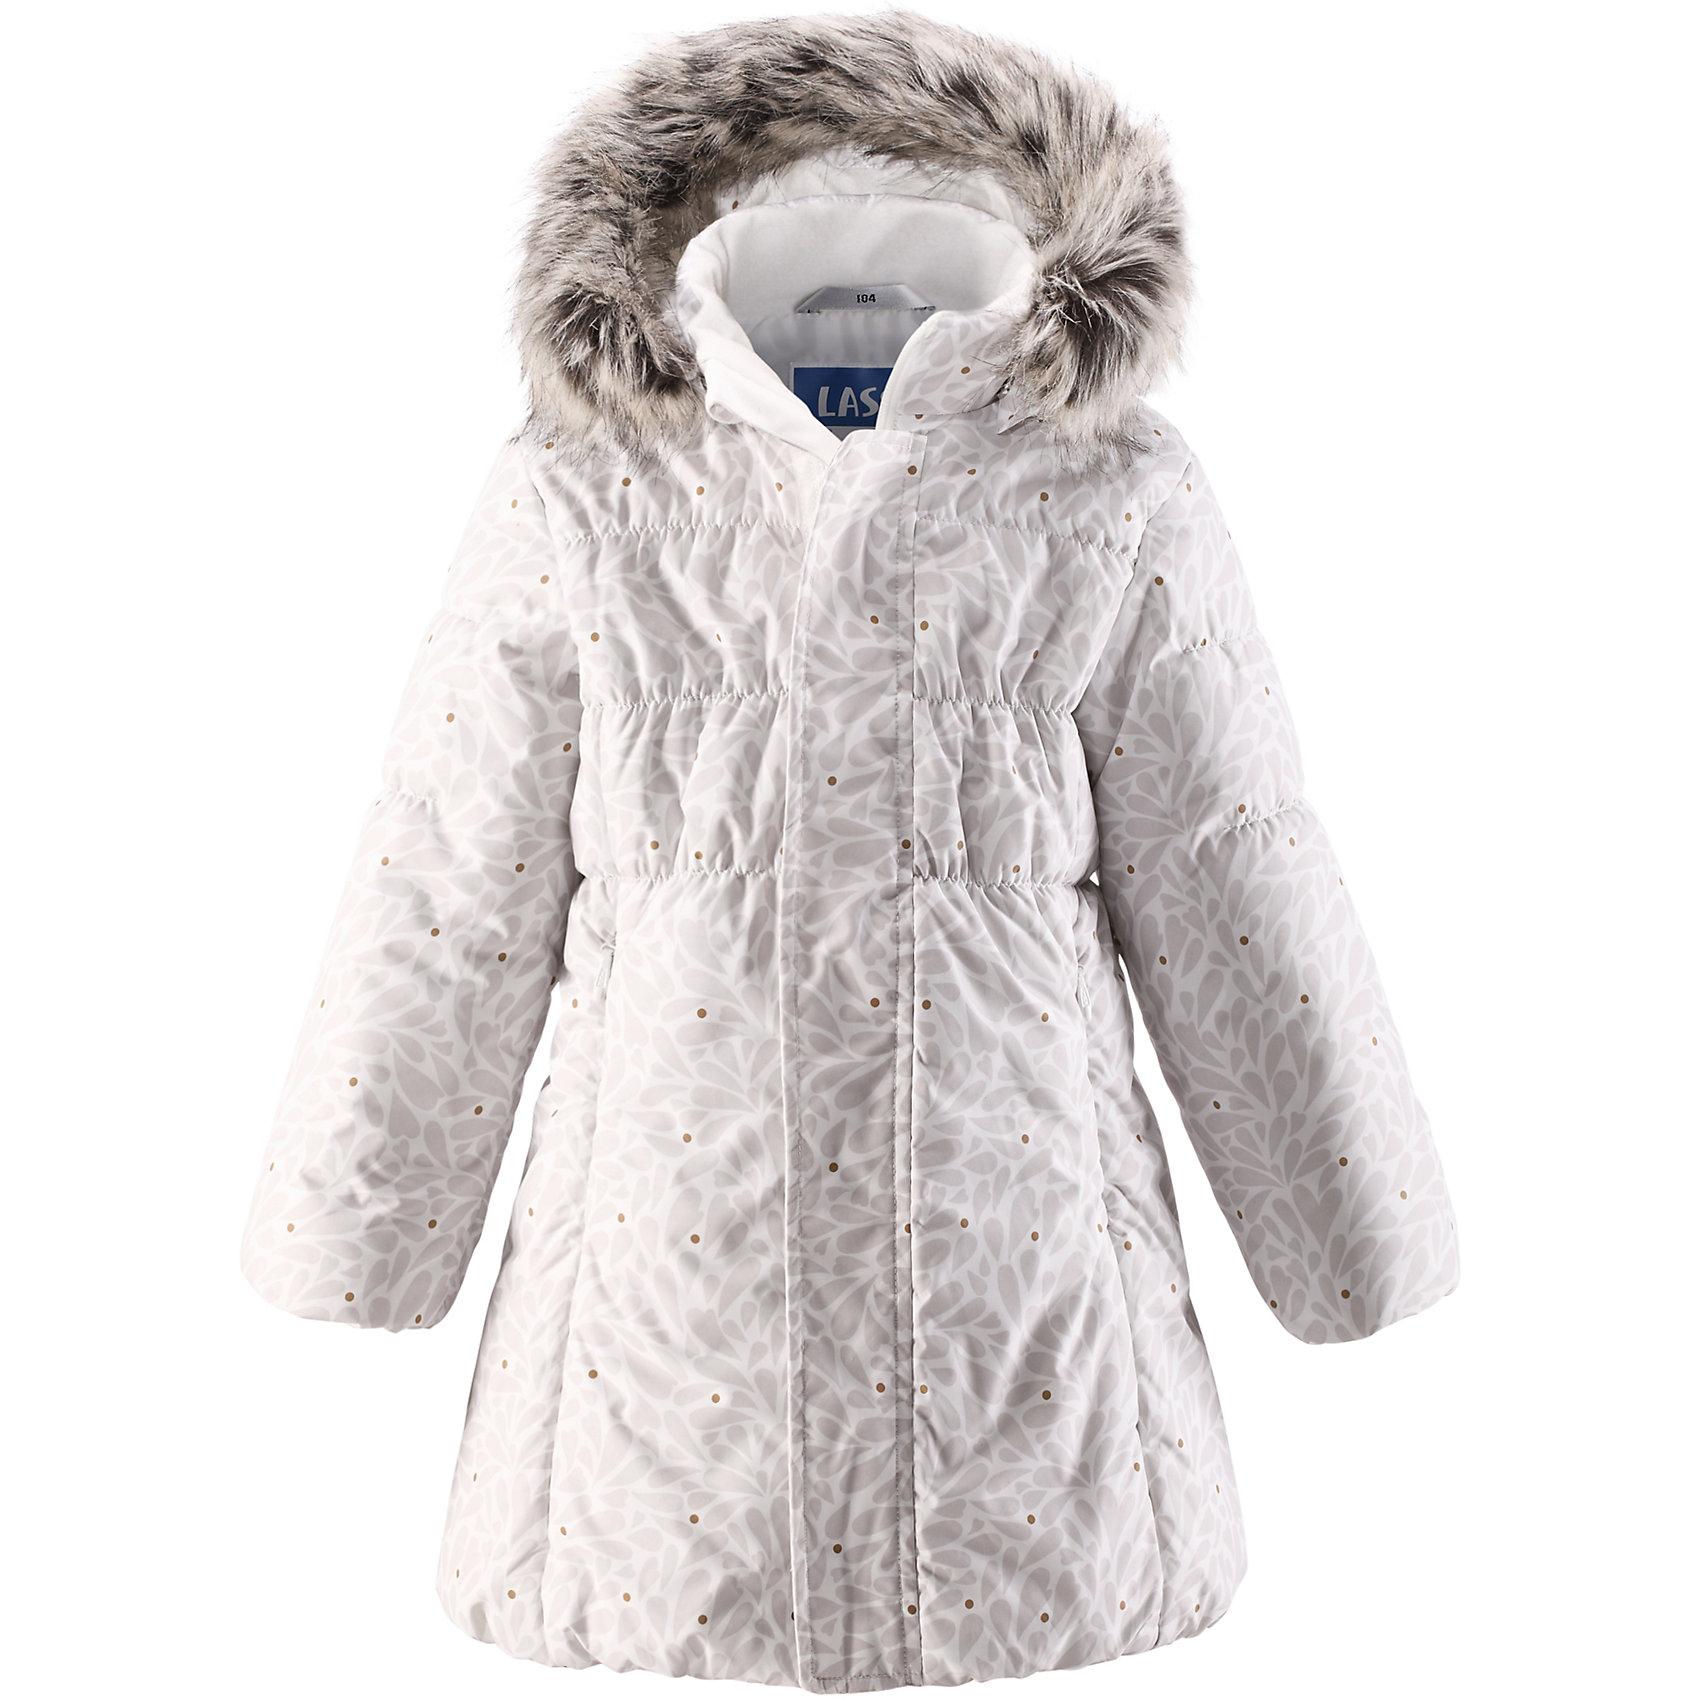 Пальто для девочки LASSIEЗимнее пальто для детей известной финской марки.<br><br>- Водоотталкивающий, ветронепроницаемый, «дышащий» и грязеотталкивающий материал.<br>- Крой для девочек. <br>- Гладкая подкладка из полиэстра.<br>- Средняя степень утепления. <br>- Безопасный съемный капюшон с отсоединяемой меховой каймой из искусственного меха.<br>- Эластичные манжеты. <br>- Регулируемый обхват талии. <br>- Карманы с клапанами.  <br><br>Рекомендации по уходу: Стирать по отдельности, вывернув наизнанку. Перед стиркой отстегните искусственный мех. Застегнуть молнии и липучки. Соблюдать температуру в соответствии с руководством по уходу. Стирать моющим средством, не содержащим отбеливающие вещества. Полоскать без специального средства. Сушение в сушильном шкафу разрешено при  низкой температуре.<br><br>Состав: 100% Полиамид, полиуретановое покрытие.  Утеплитель «Lassie wadding» 200гр.<br><br>Ширина мм: 356<br>Глубина мм: 10<br>Высота мм: 245<br>Вес г: 519<br>Цвет: белый<br>Возраст от месяцев: 48<br>Возраст до месяцев: 60<br>Пол: Женский<br>Возраст: Детский<br>Размер: 110,140,92,98,104,116,128,122,134<br>SKU: 4782368